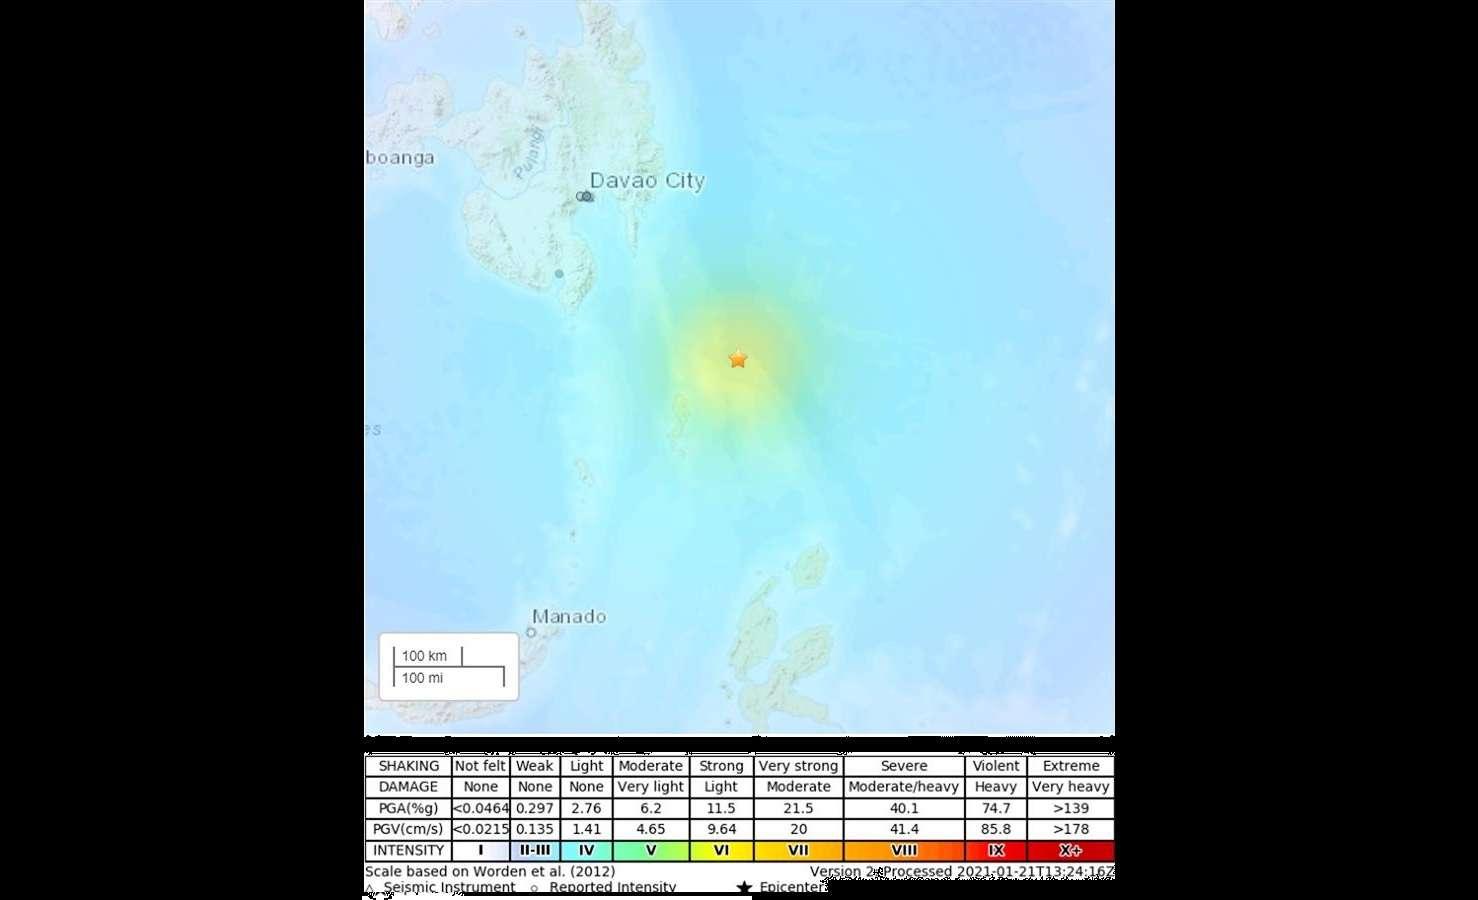 El temblor fue localizado a 95 kilómetros de profundidad y a 210 kilómetros al sureste de Pondaguitan. EFE